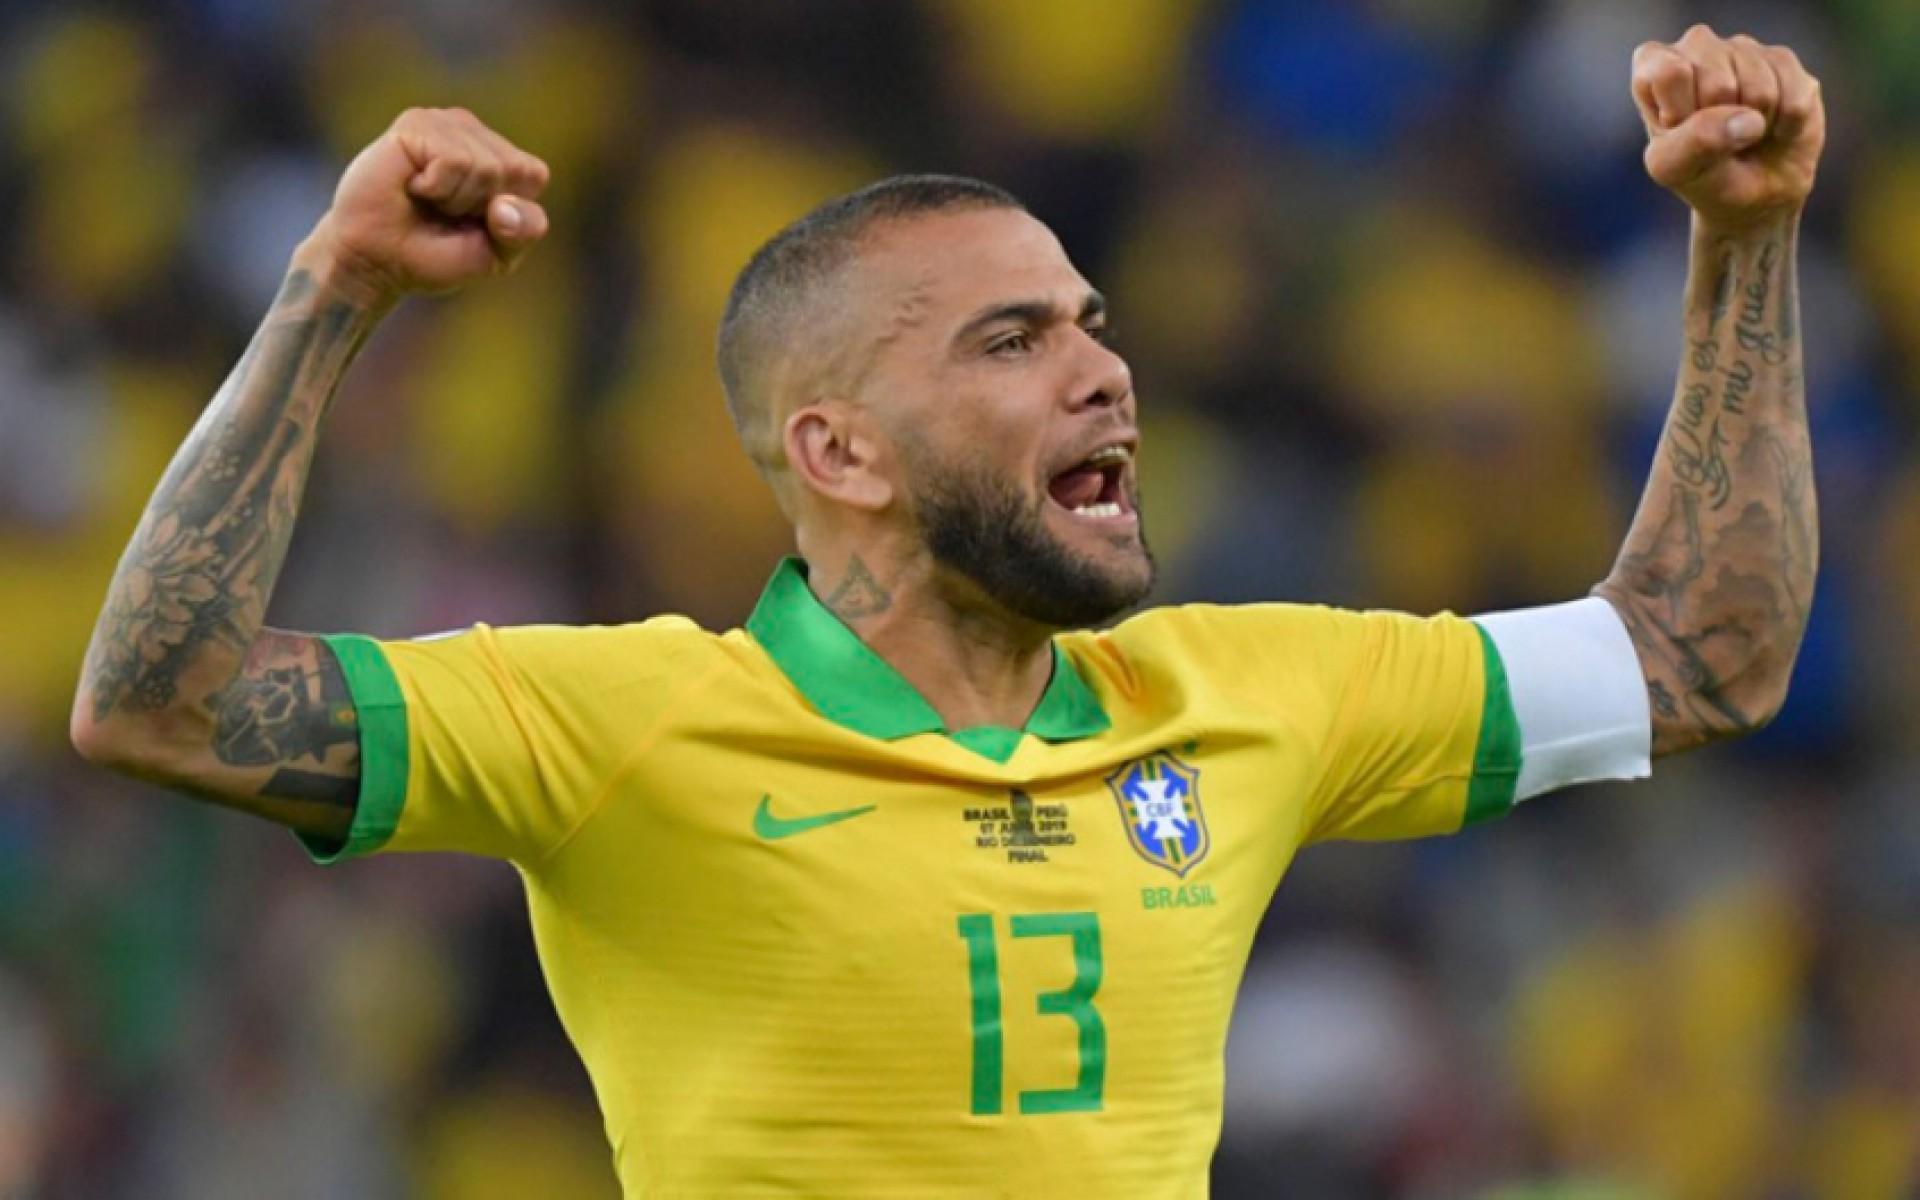 André Jardine surpreende e chama Daniel Alves para representar a Seleção Brasileira nas Olímpiadas